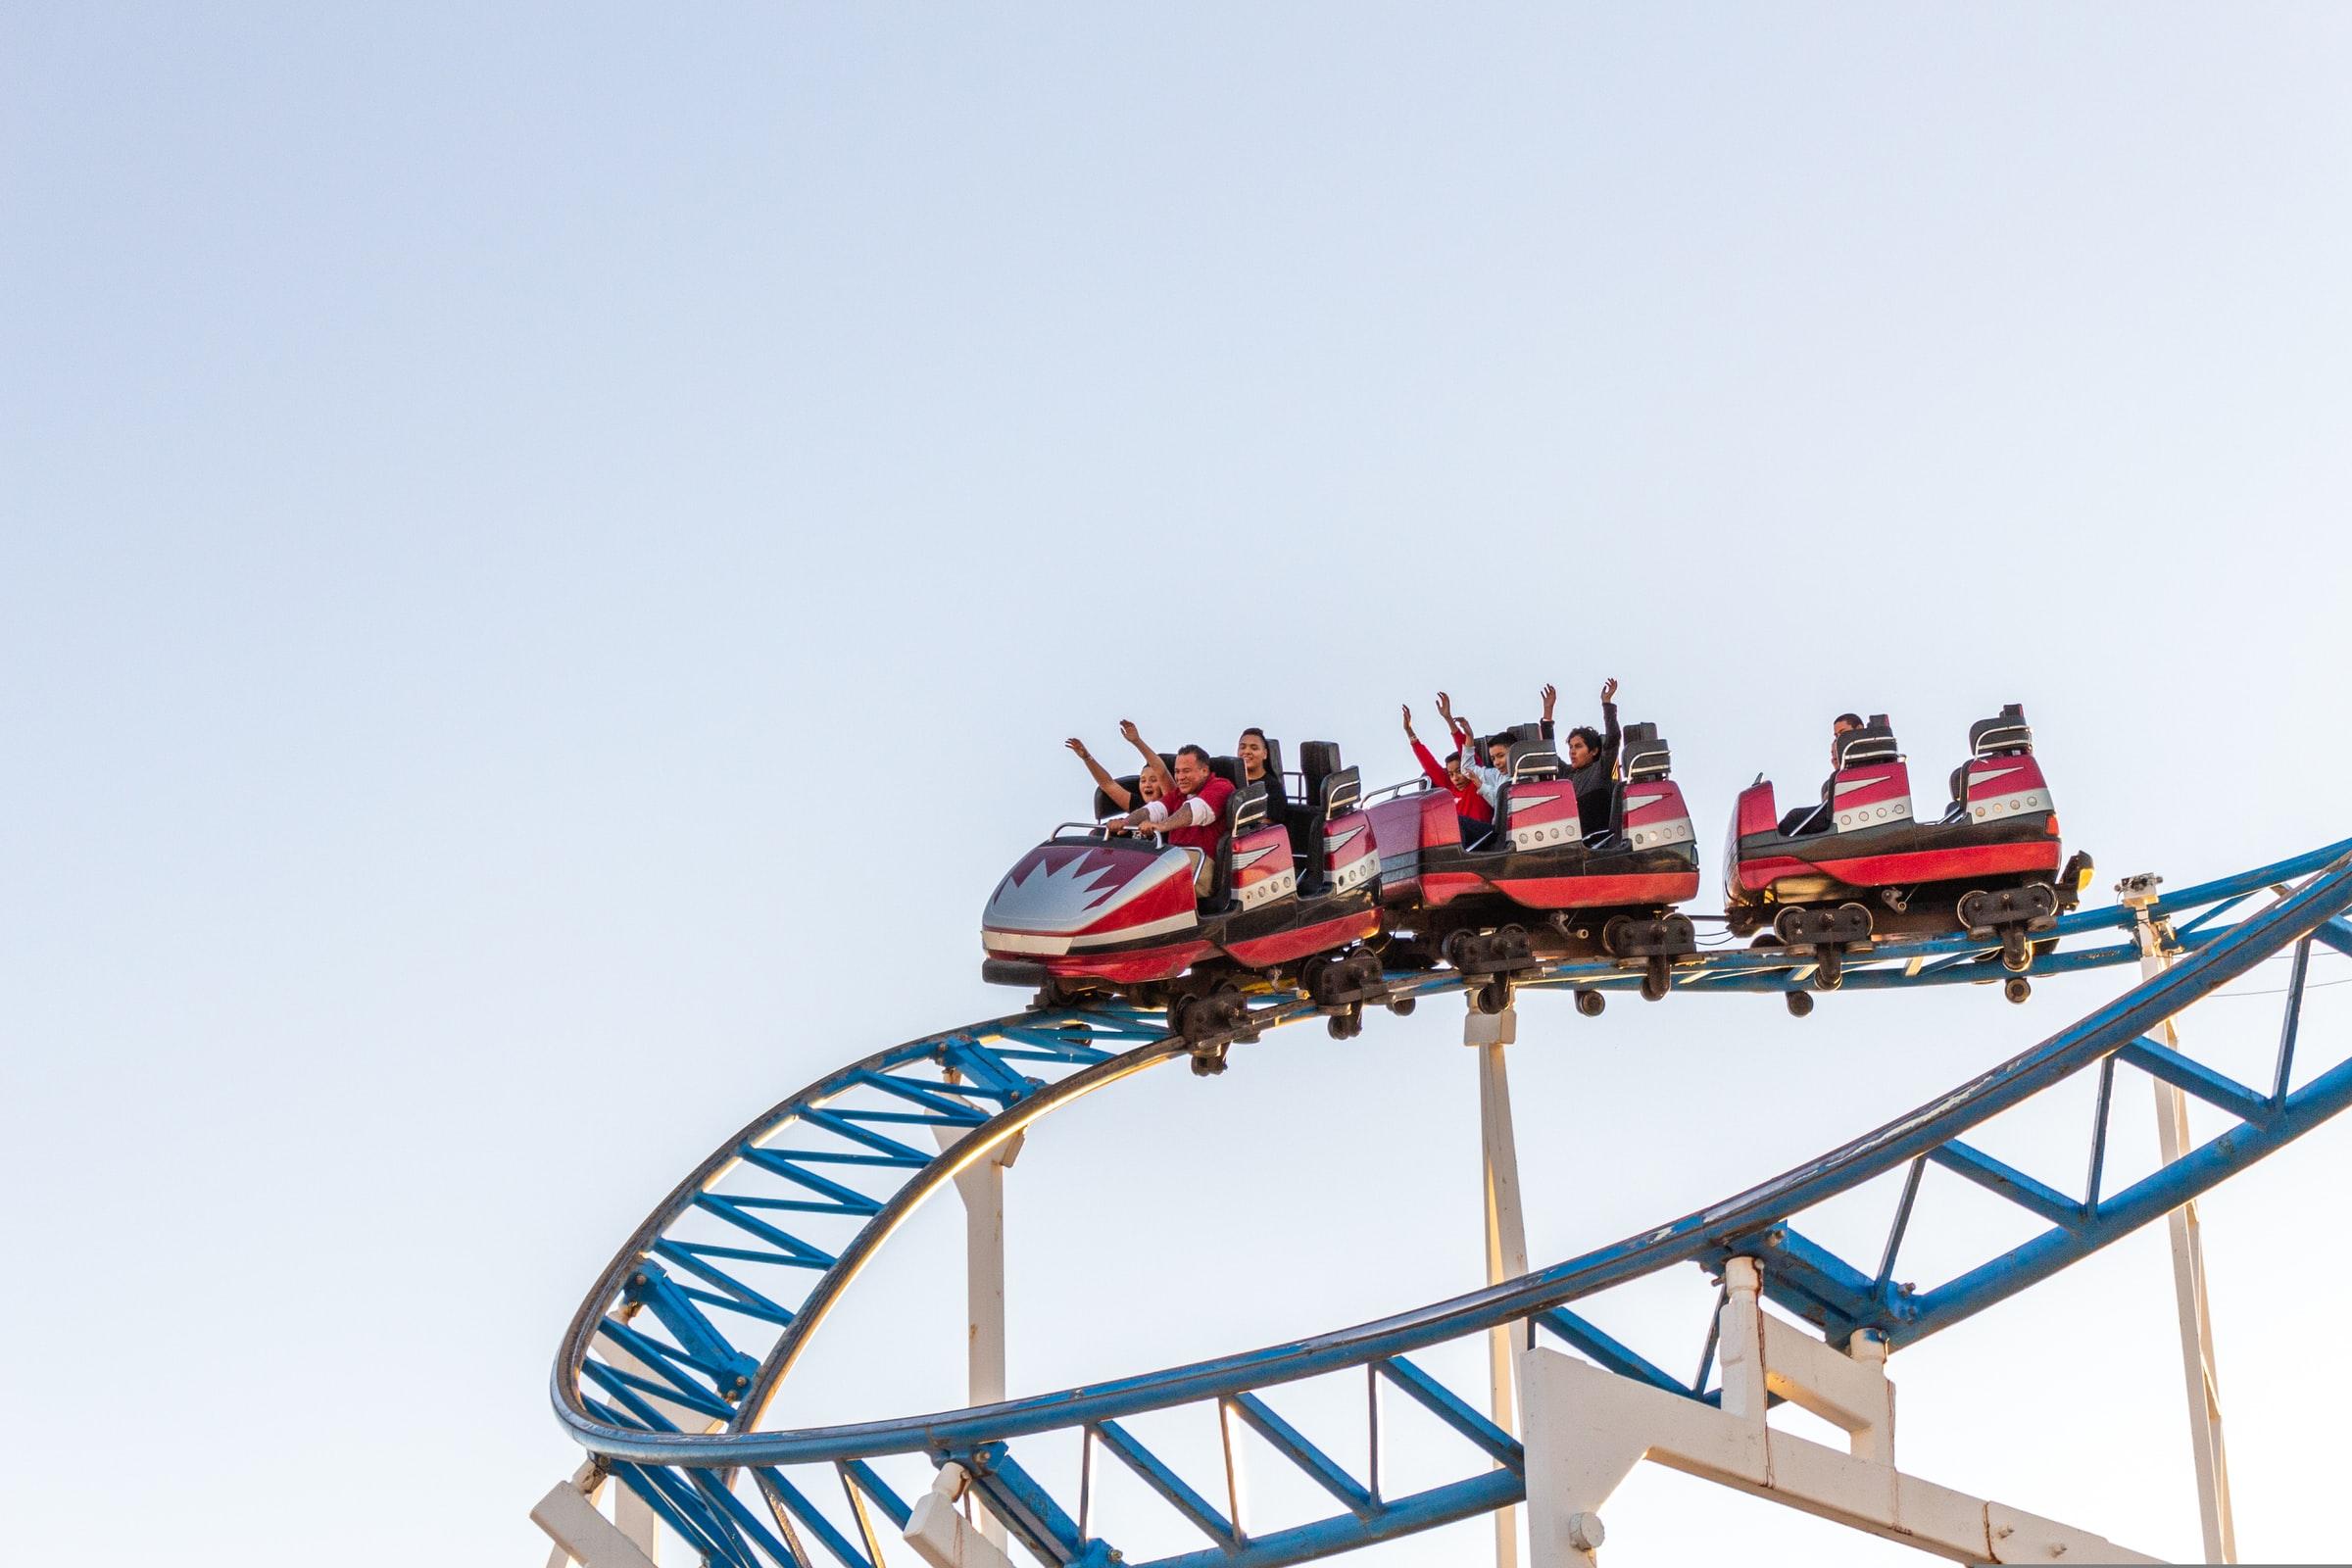 Theme Parks and Amusement Parks